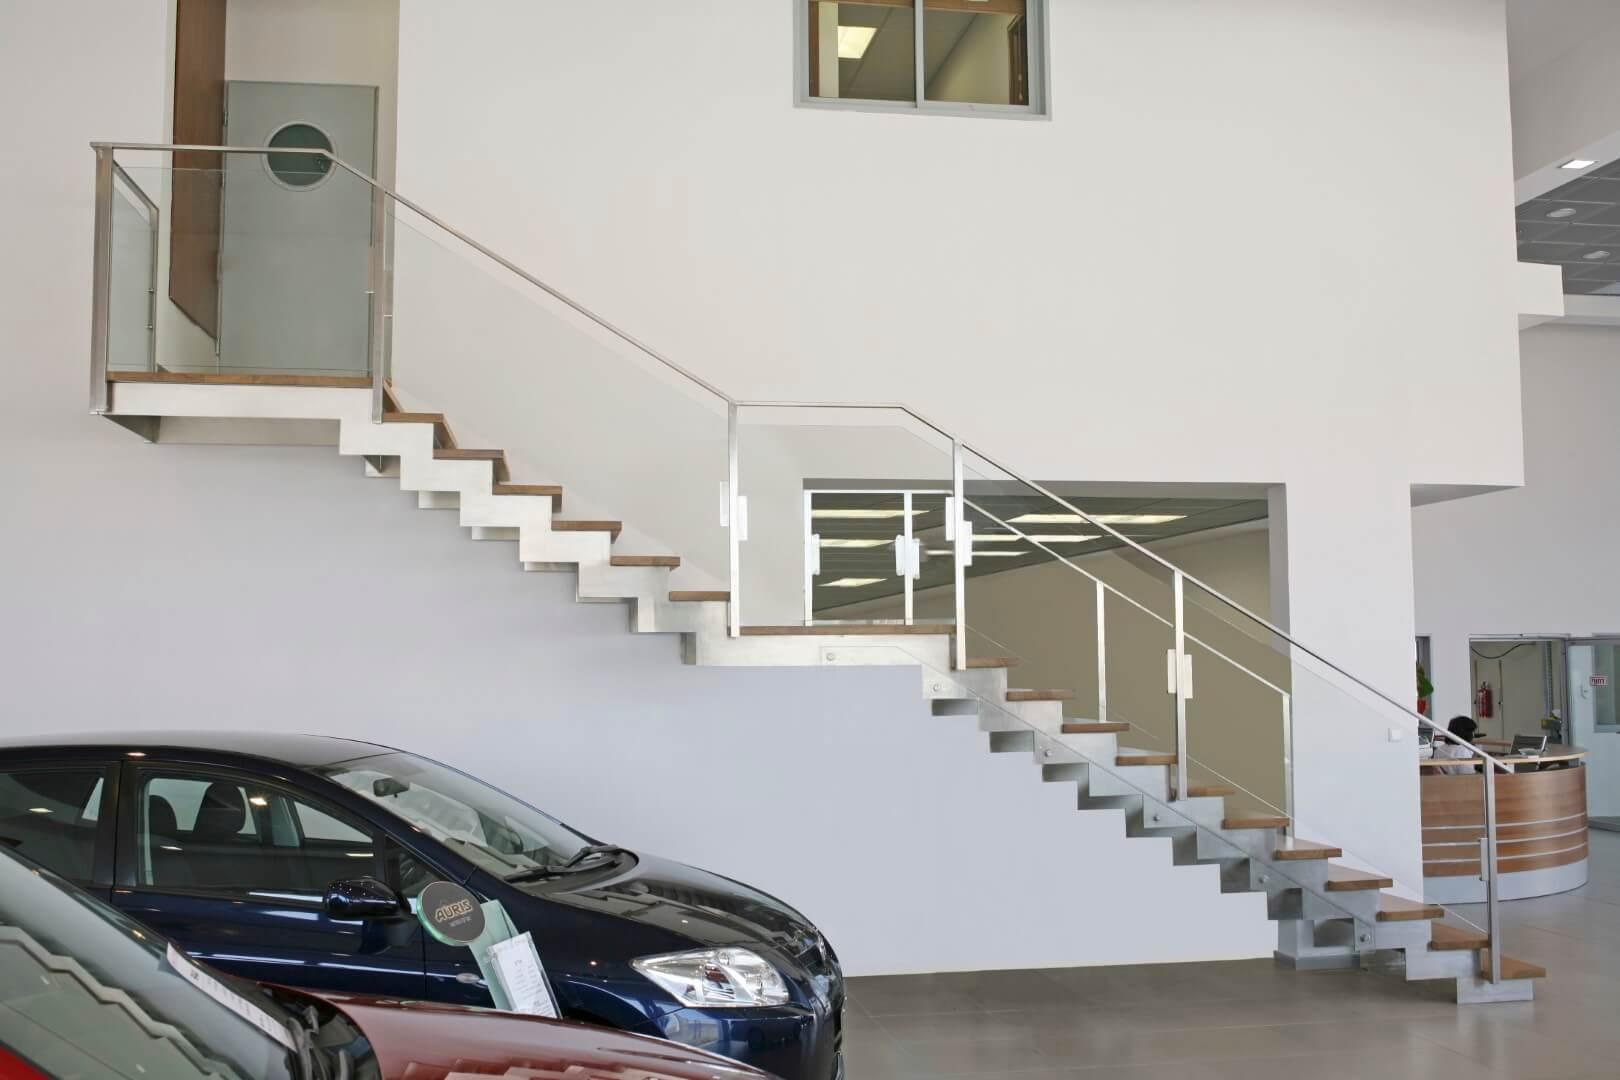 שני גרמי מדרגות נירוסטה עם מדרכי עץ עולים אל משרדי אולם התצוגה לאורכו של קיר לבן ונקי